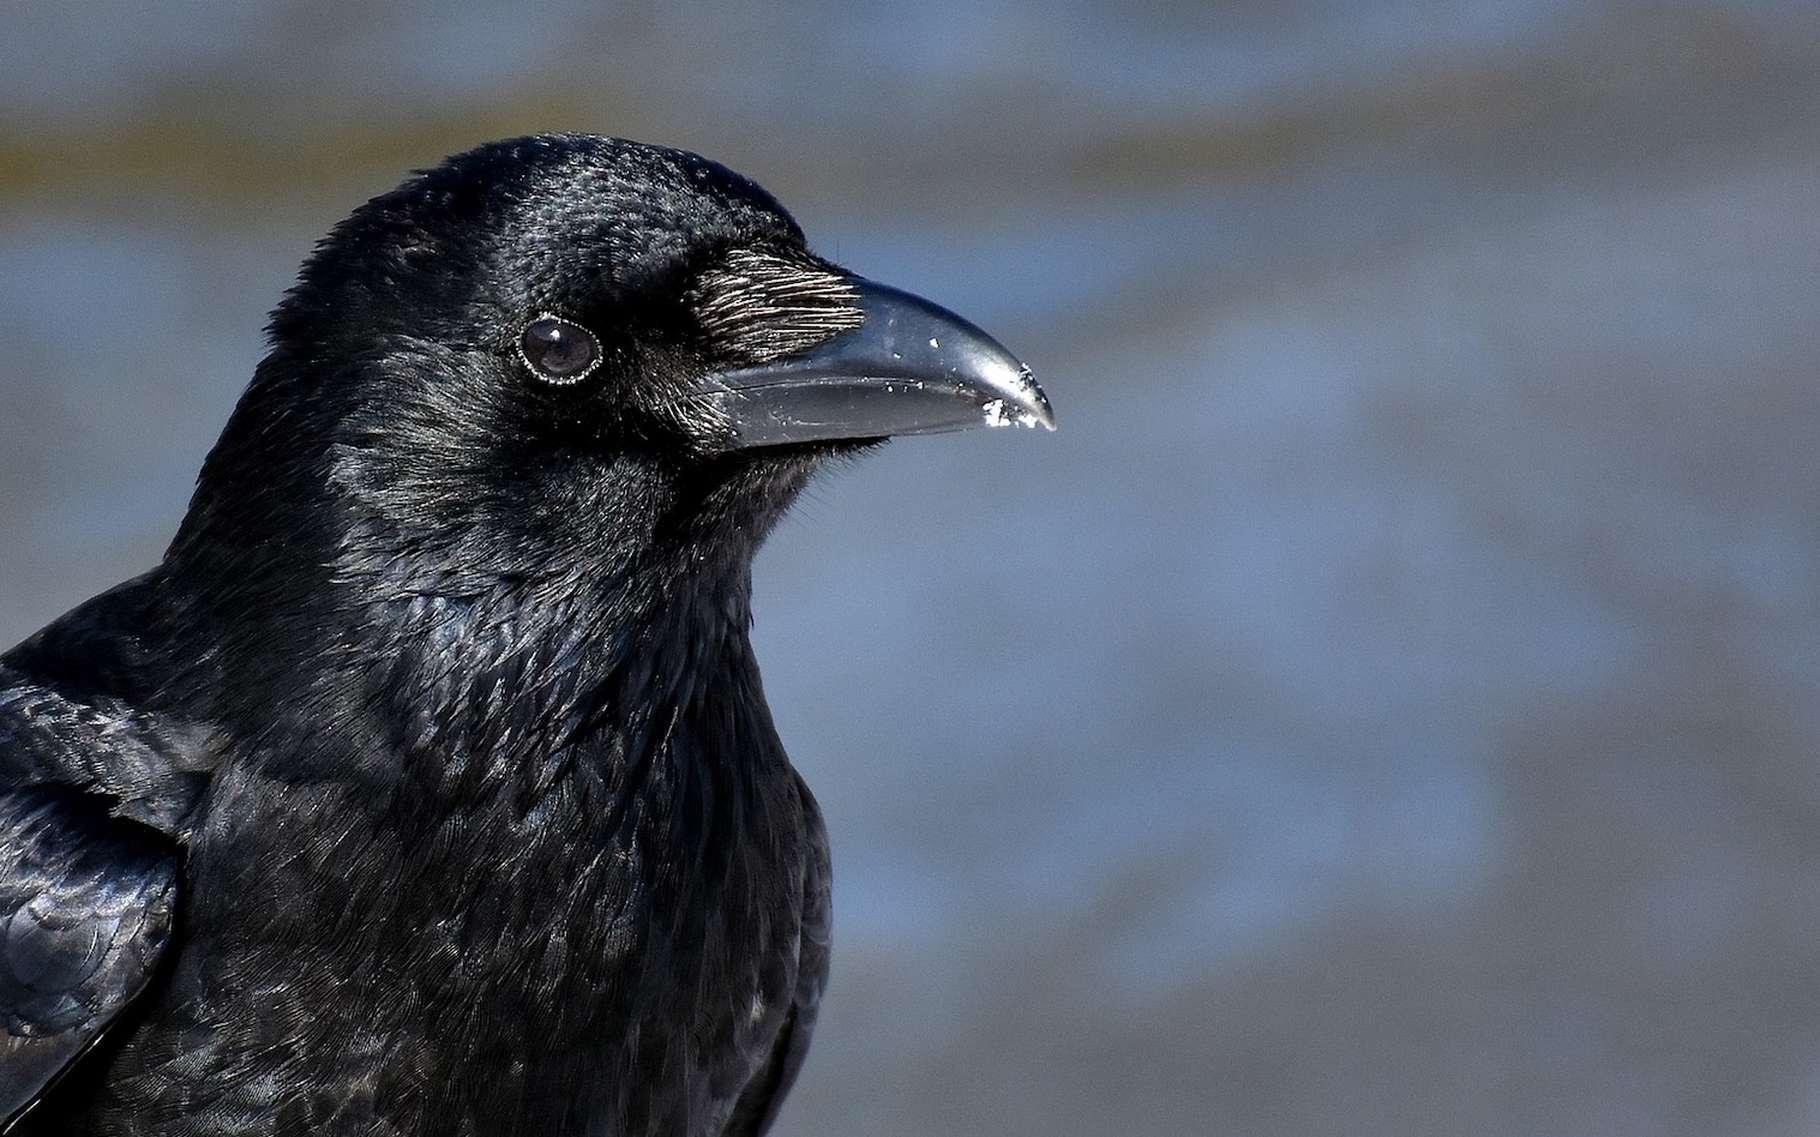 Des corbeaux ont appris à fabriquer des outils complexes tout seuls